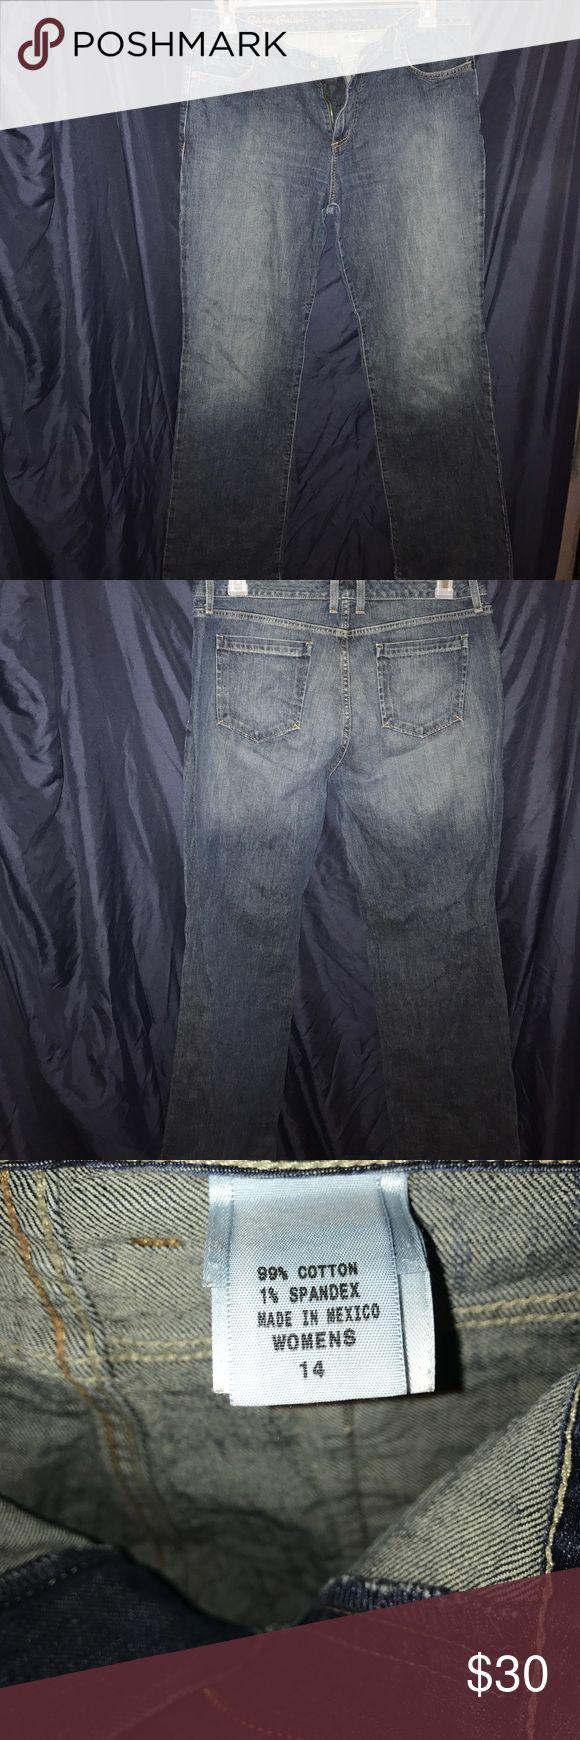 Eddie Bauer, natural fit jeans Eddie Bauer, natural fit jeans Eddie Bauer Jeans Straight Leg